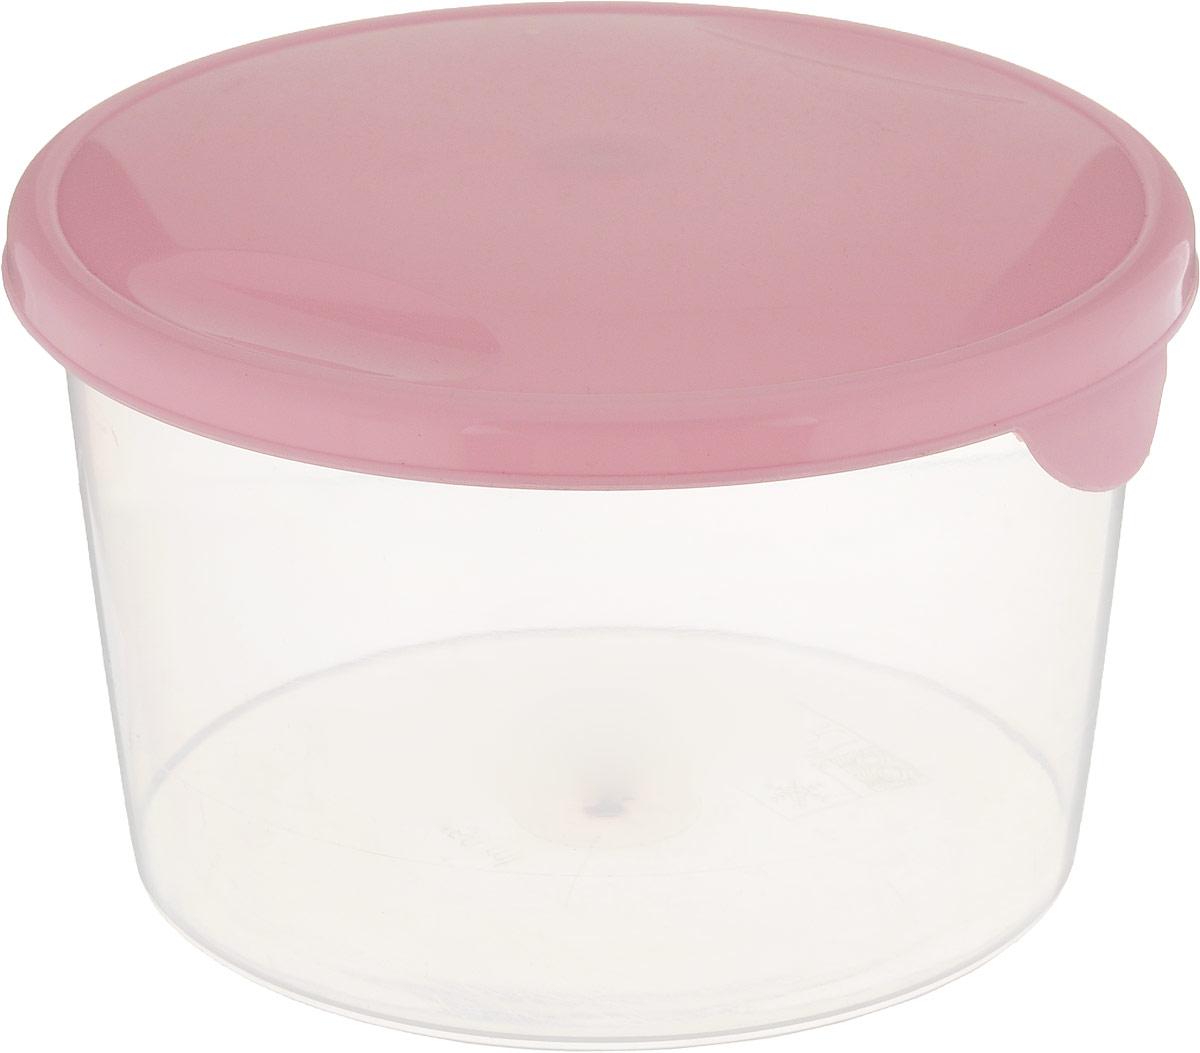 Емкость для продуктов Giaretti Браво, цвет: розовый, прозрачный, 750 мл. GR1034GR1033_розовыйЕмкость для продуктов Giaretti Браво изготовлена из пищевого полипропилена. Крышкаплотно закрывается, дольше сохраняя продукты свежими. Боковые стенки прозрачные, чтопозволяет видеть содержимое.Емкость идеально подходит для хранения пищи, фруктов,ягод, овощей.Такая емкость пригодится в любом хозяйстве.